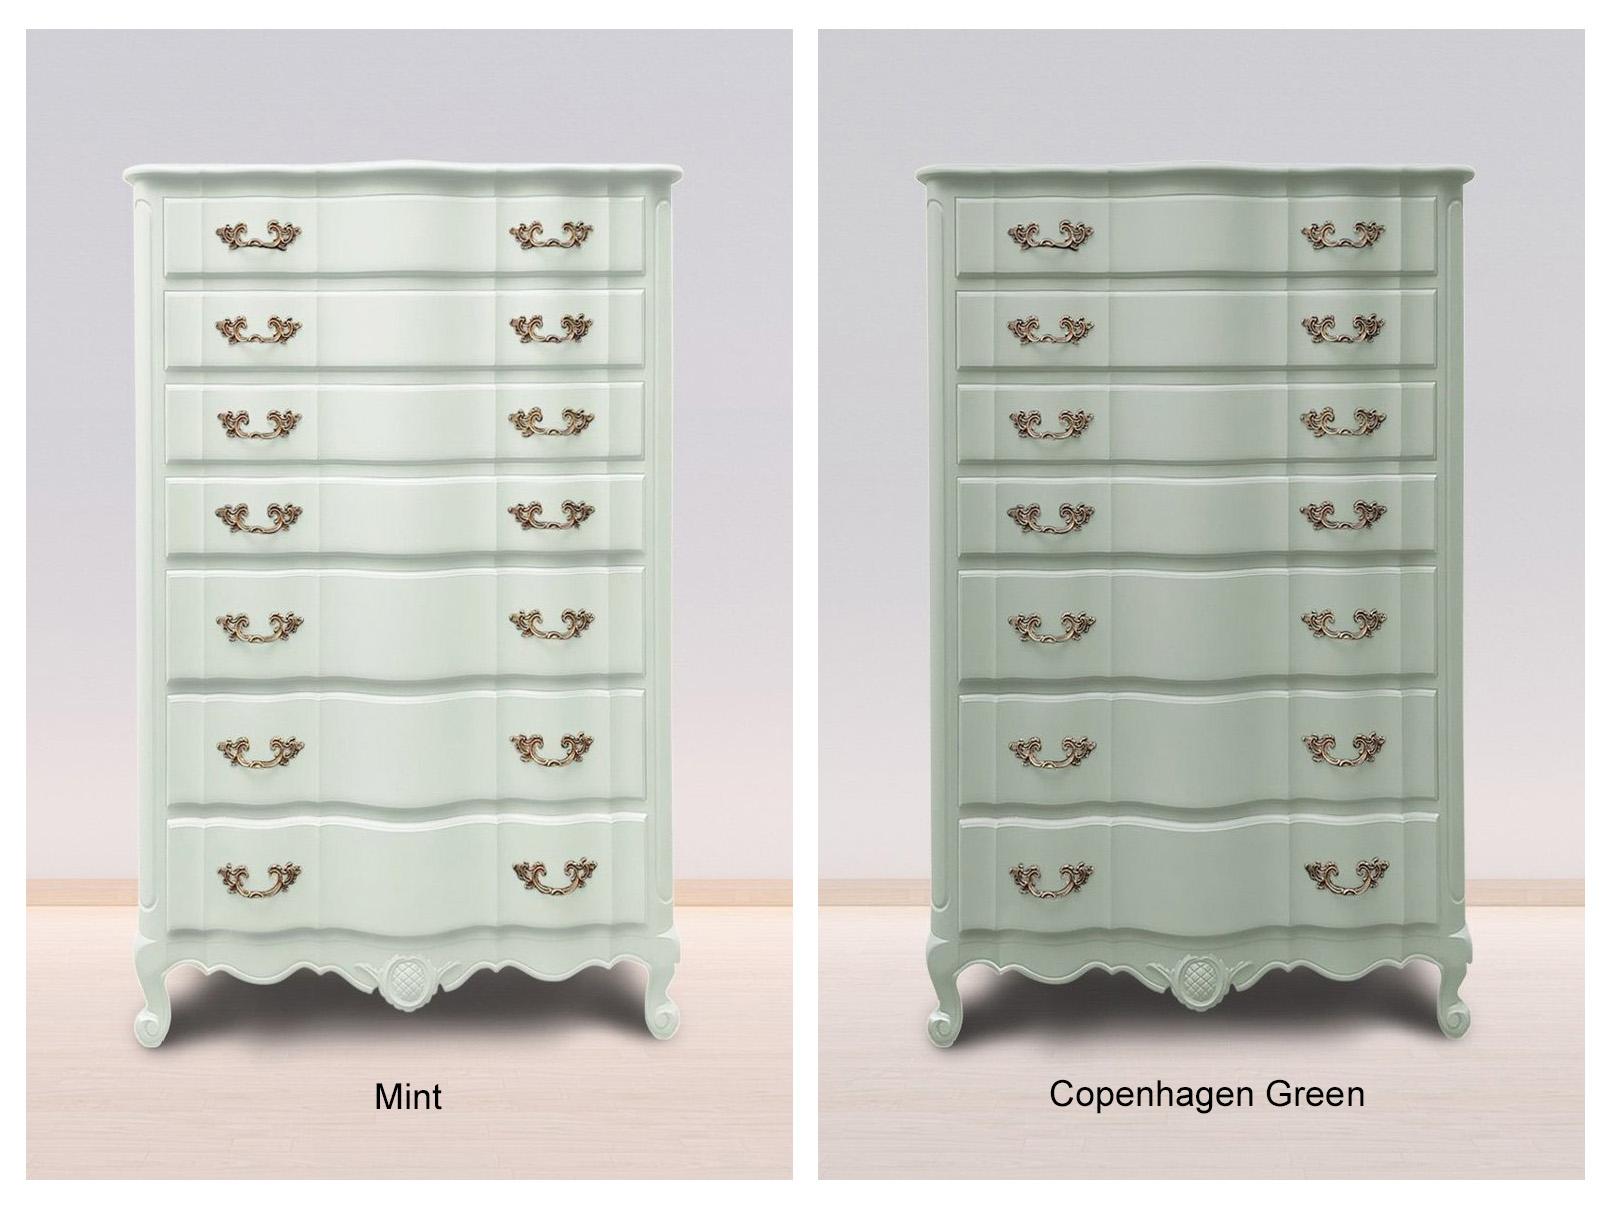 Mint & Copenhagen Green